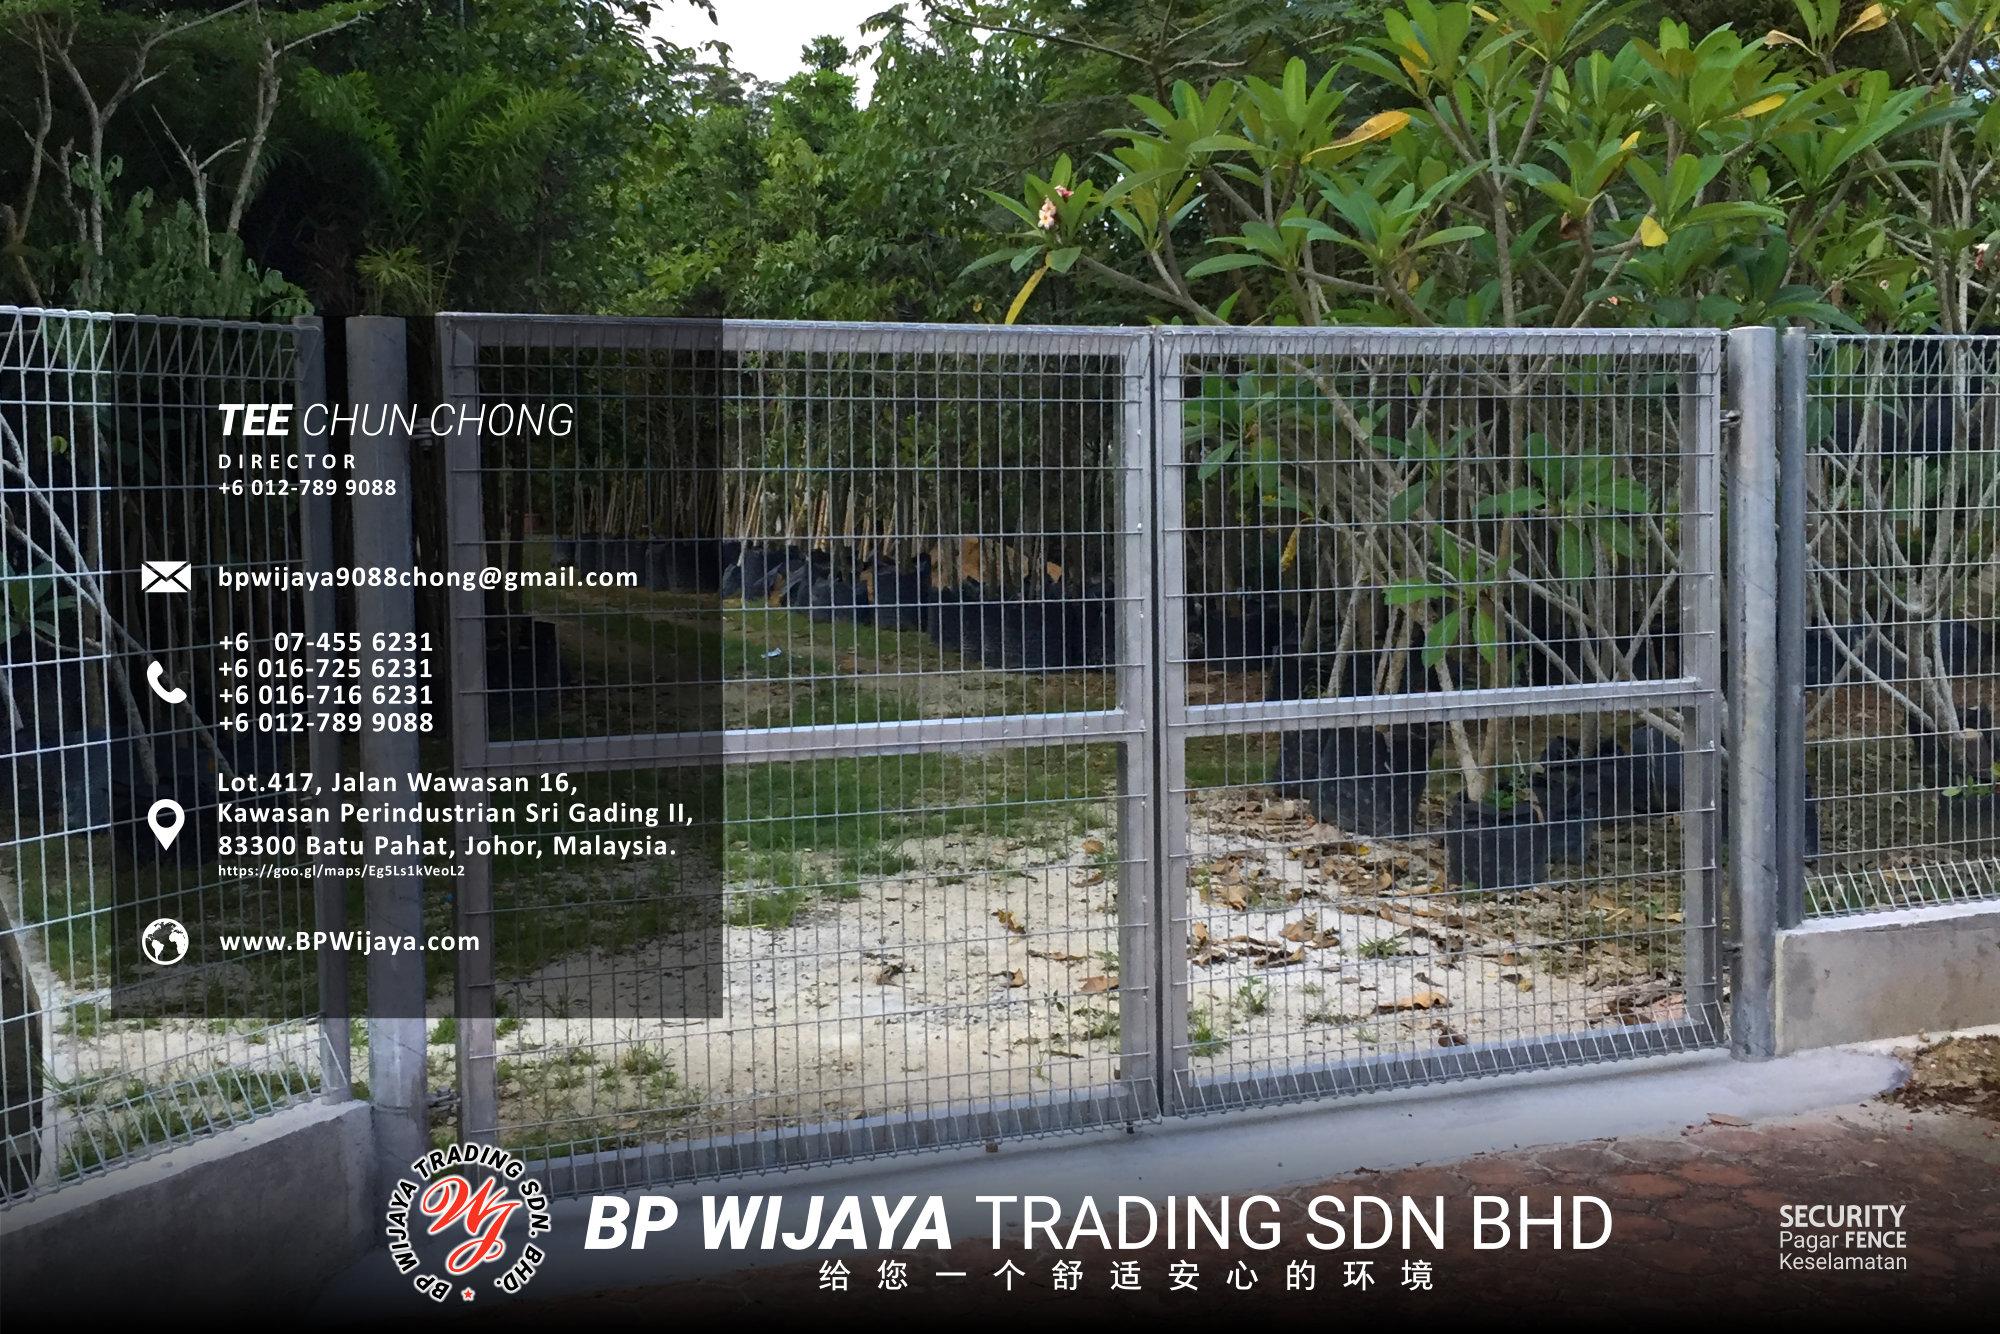 吉隆坡安全篱笆供应商 - 我们是安全篱笆制造商 BP Wijaya Trading Sdn Bhd 住家围栏篱笆 提供 吉隆坡篱笆 建筑材料 给 发展商 花园 公寓 住家 工厂 农场 果园 安全藩篱 建设 A03-026